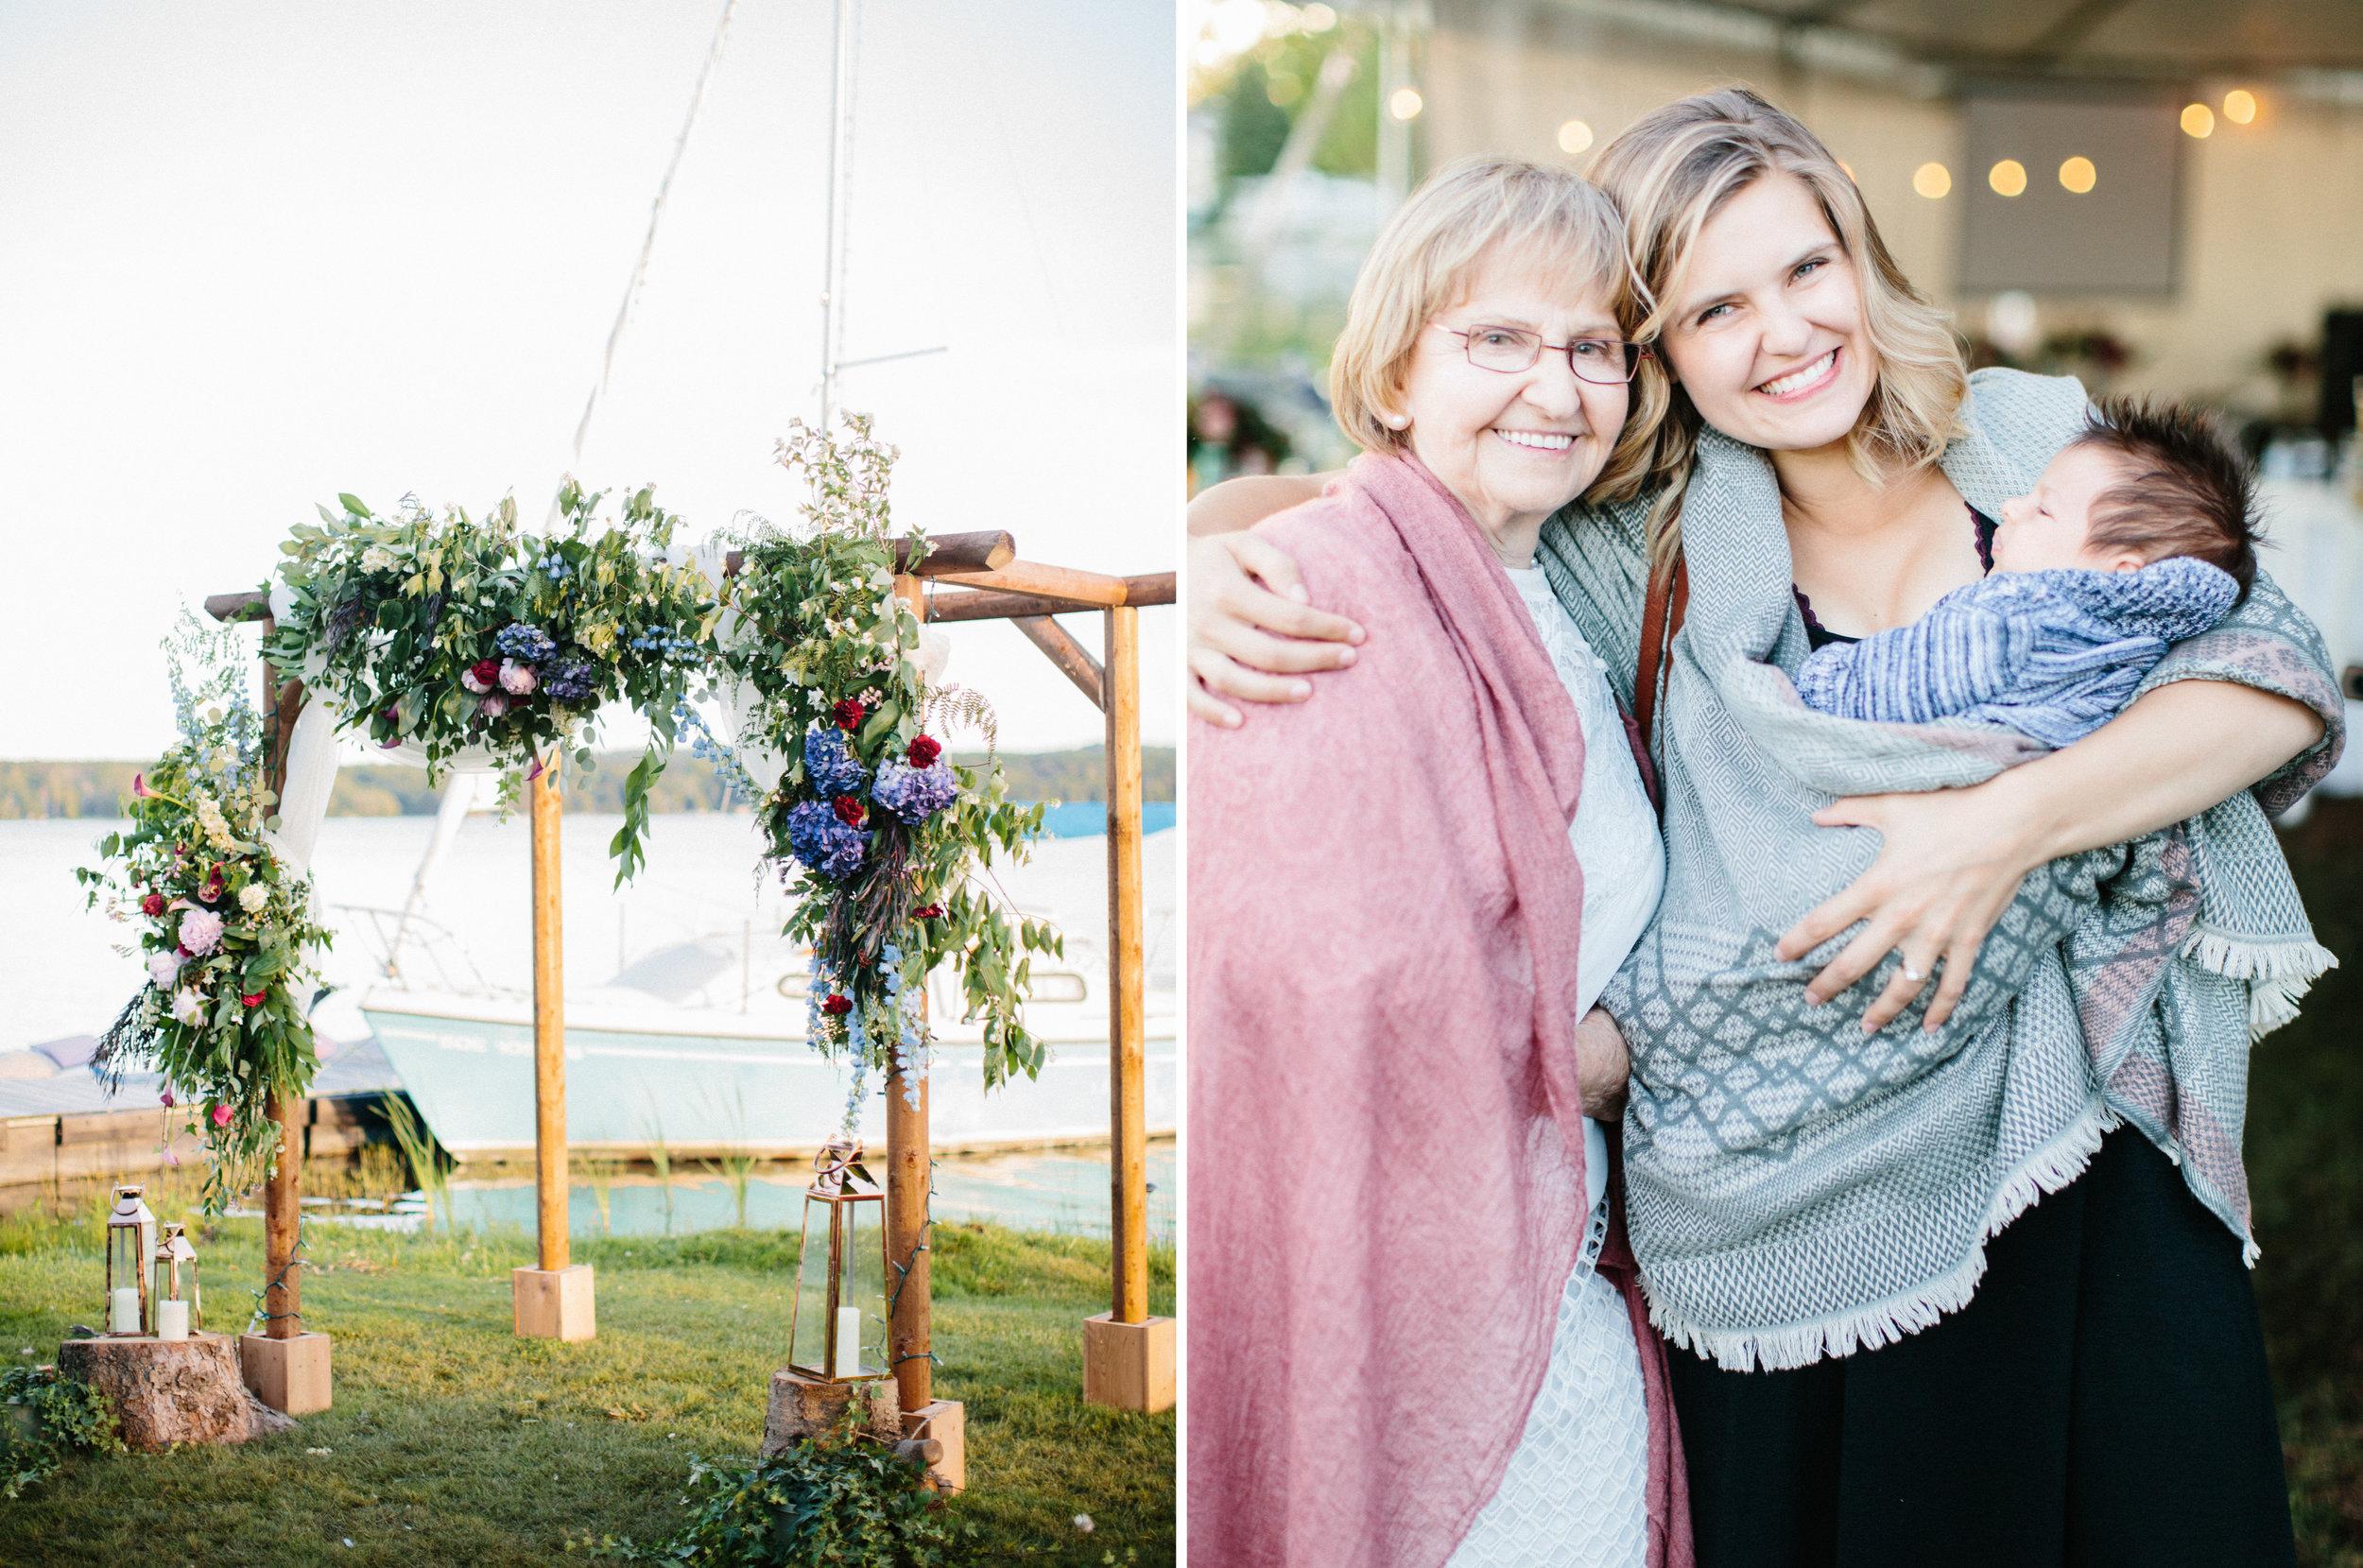 toronto_wedding_photographer_backyard_wedding7.jpg